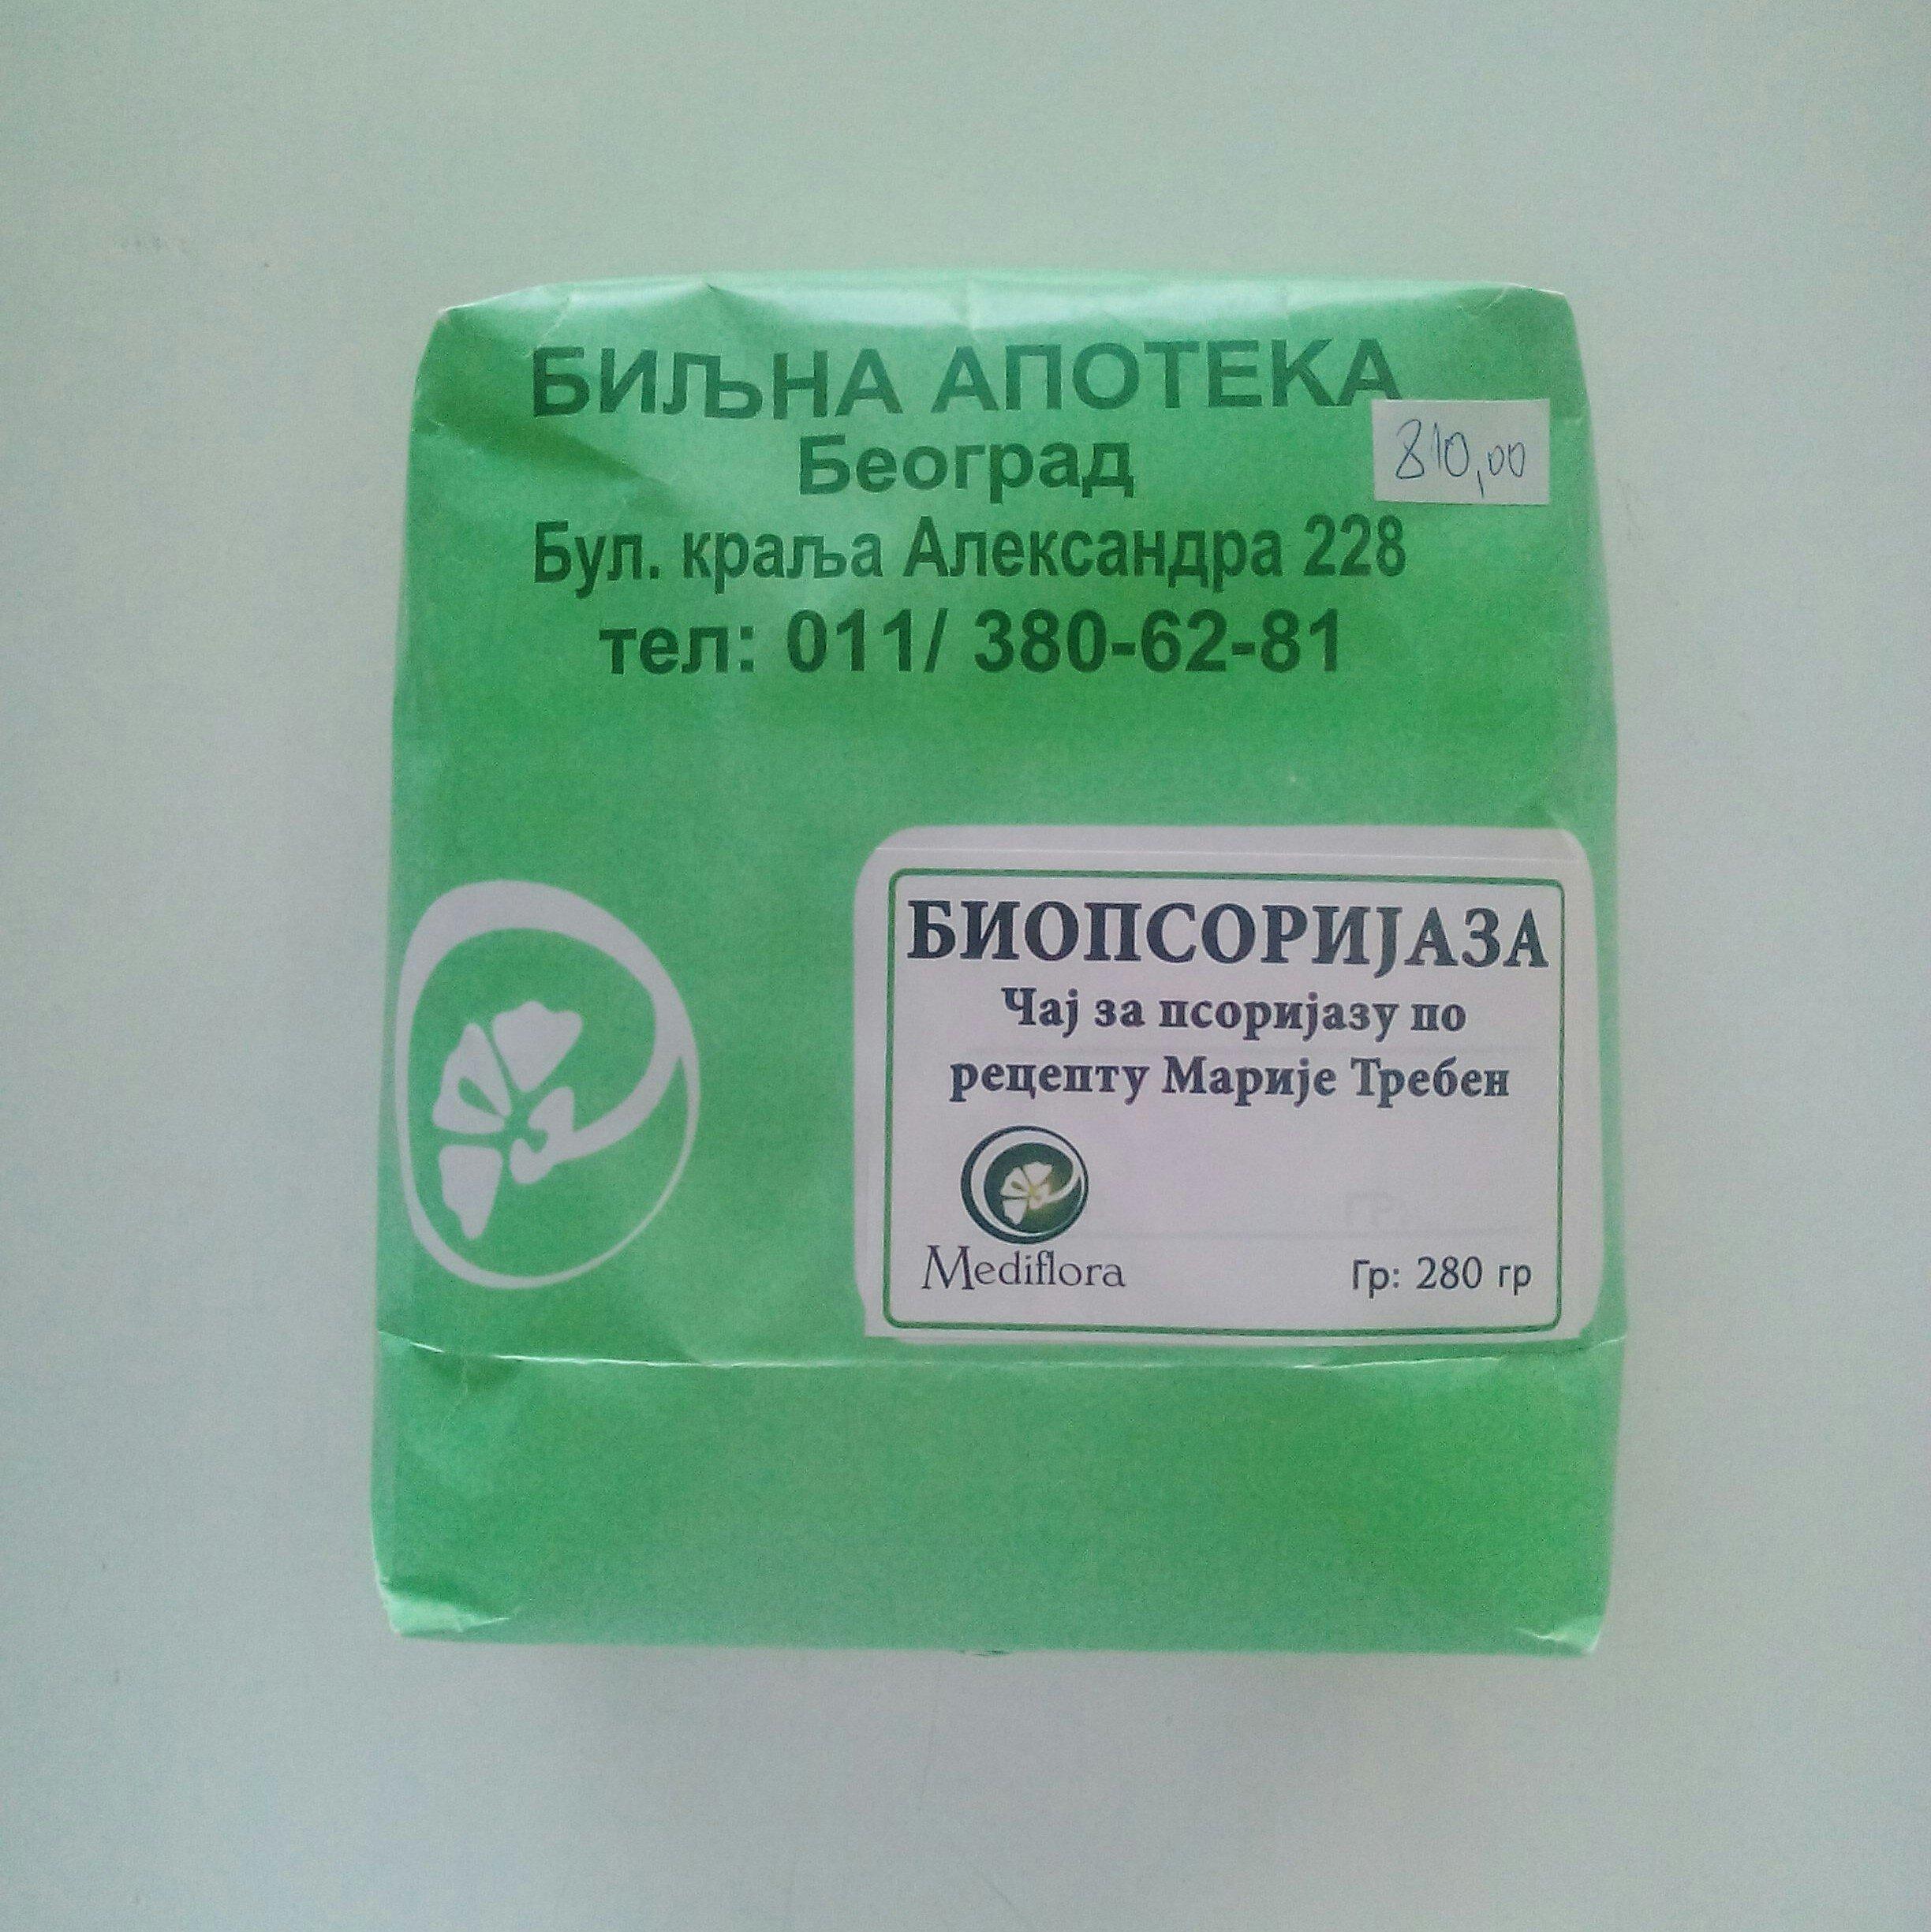 Biopsorijaza čaj 280 g (po receptu Marije Treben) 00375